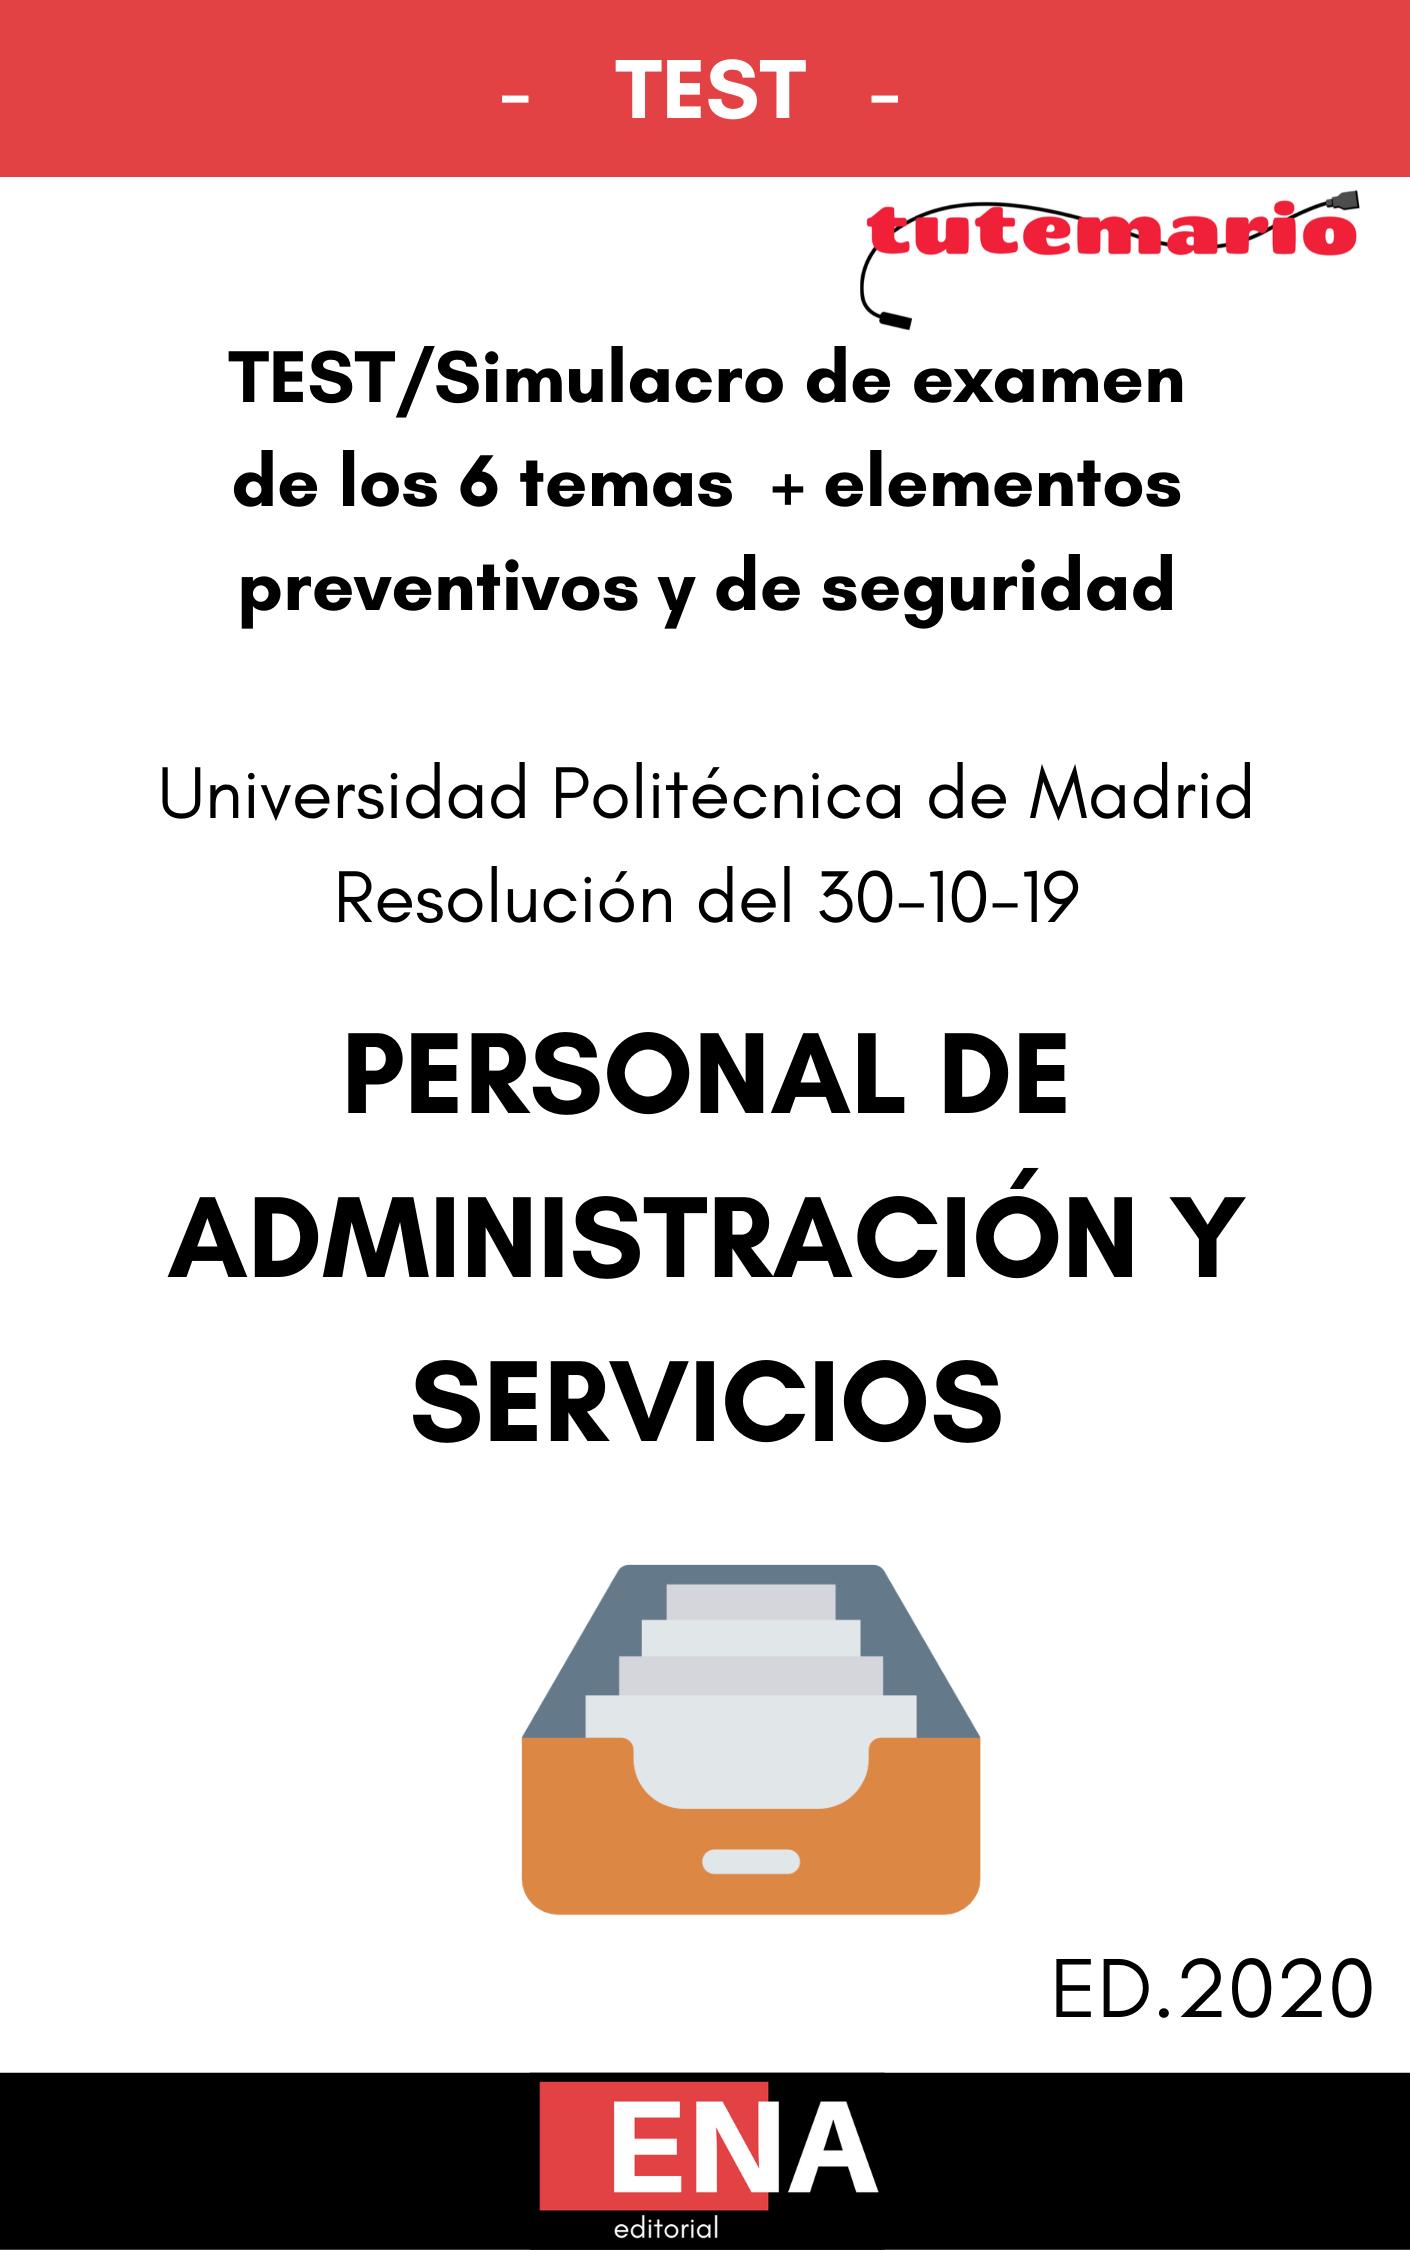 Test Parte Común Oposiciones Universidad Politécnica De Madrid Formato Pdf Tutemario